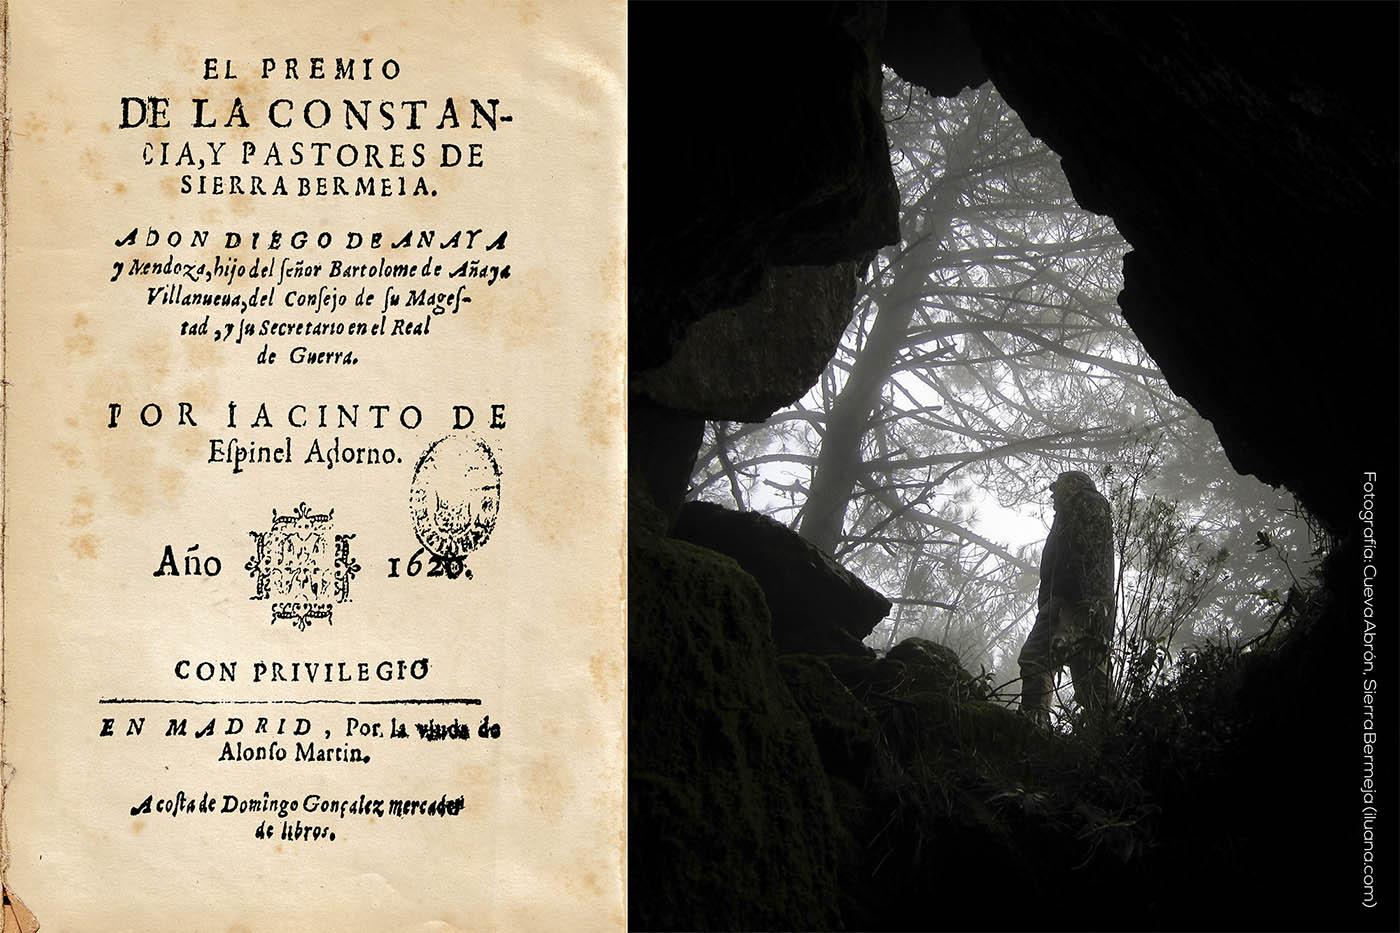 El premio de la constancia y pastores de Sierra Bermeja (1620)